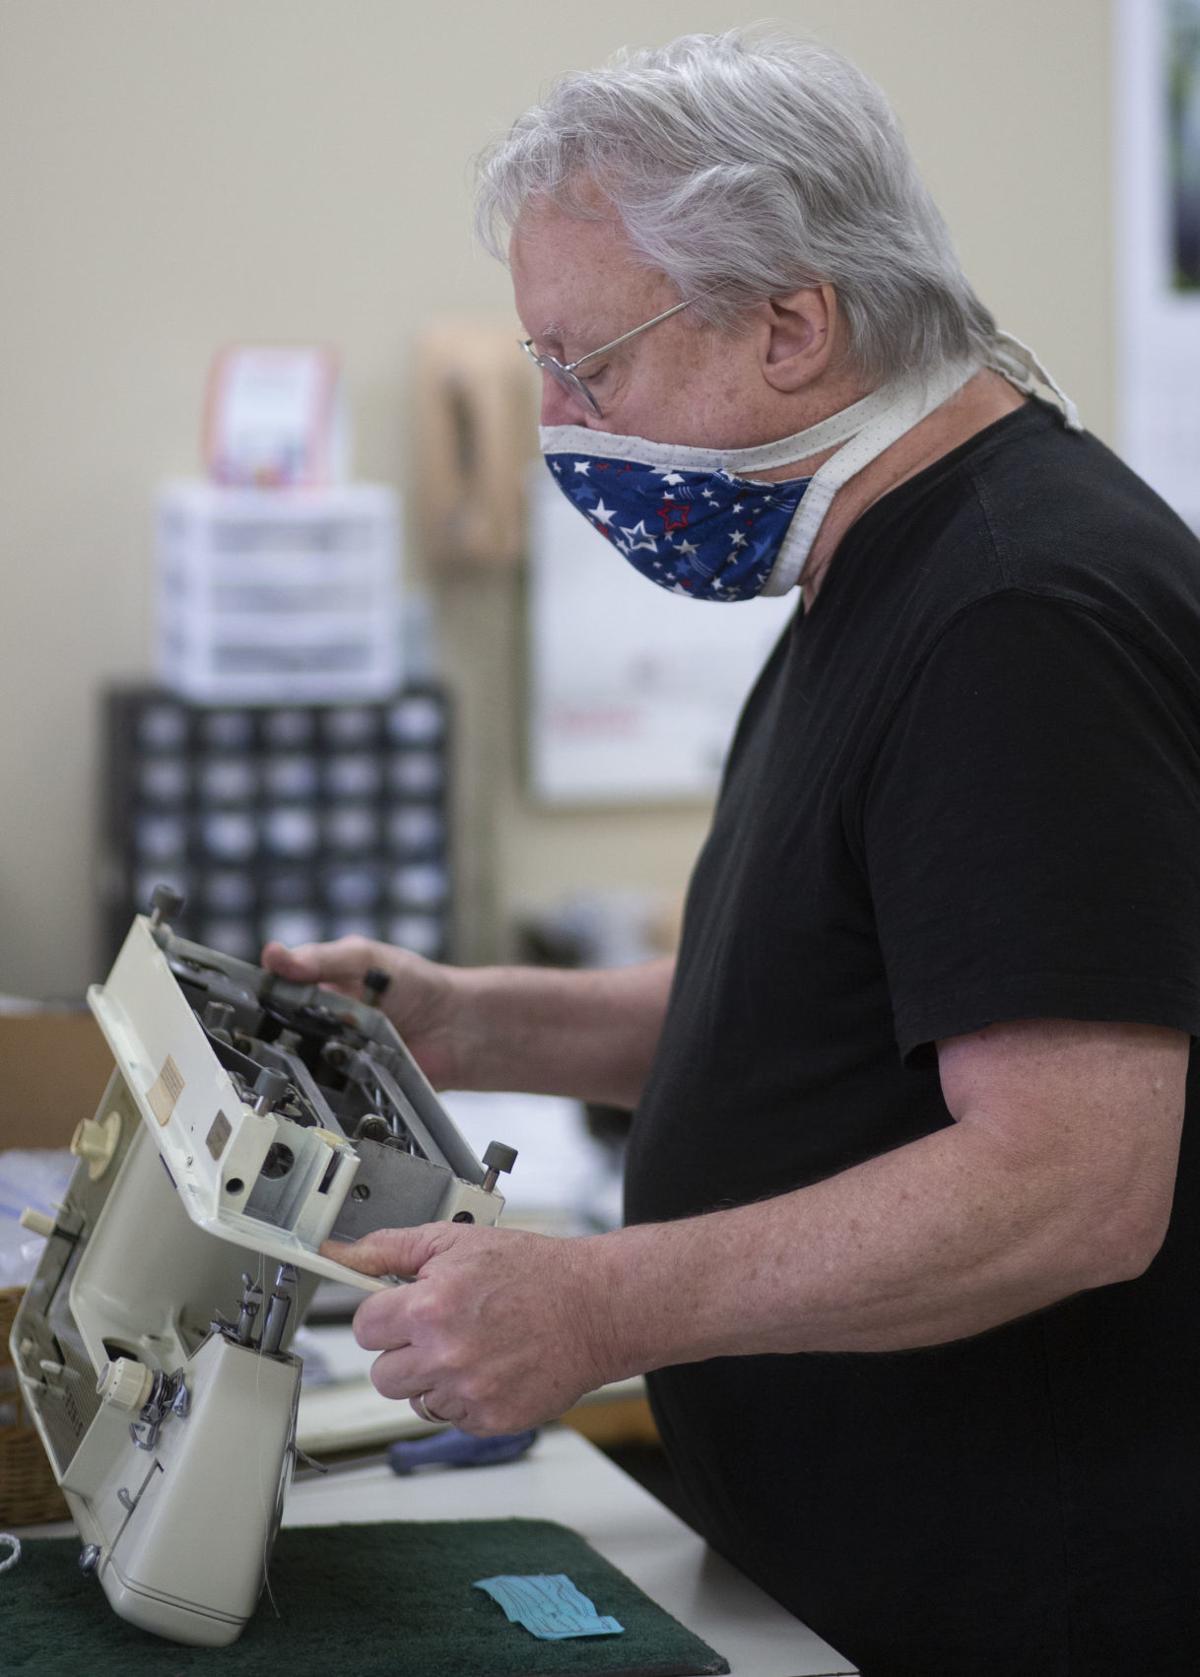 Sewing Machine Repair Near Fairfax Va